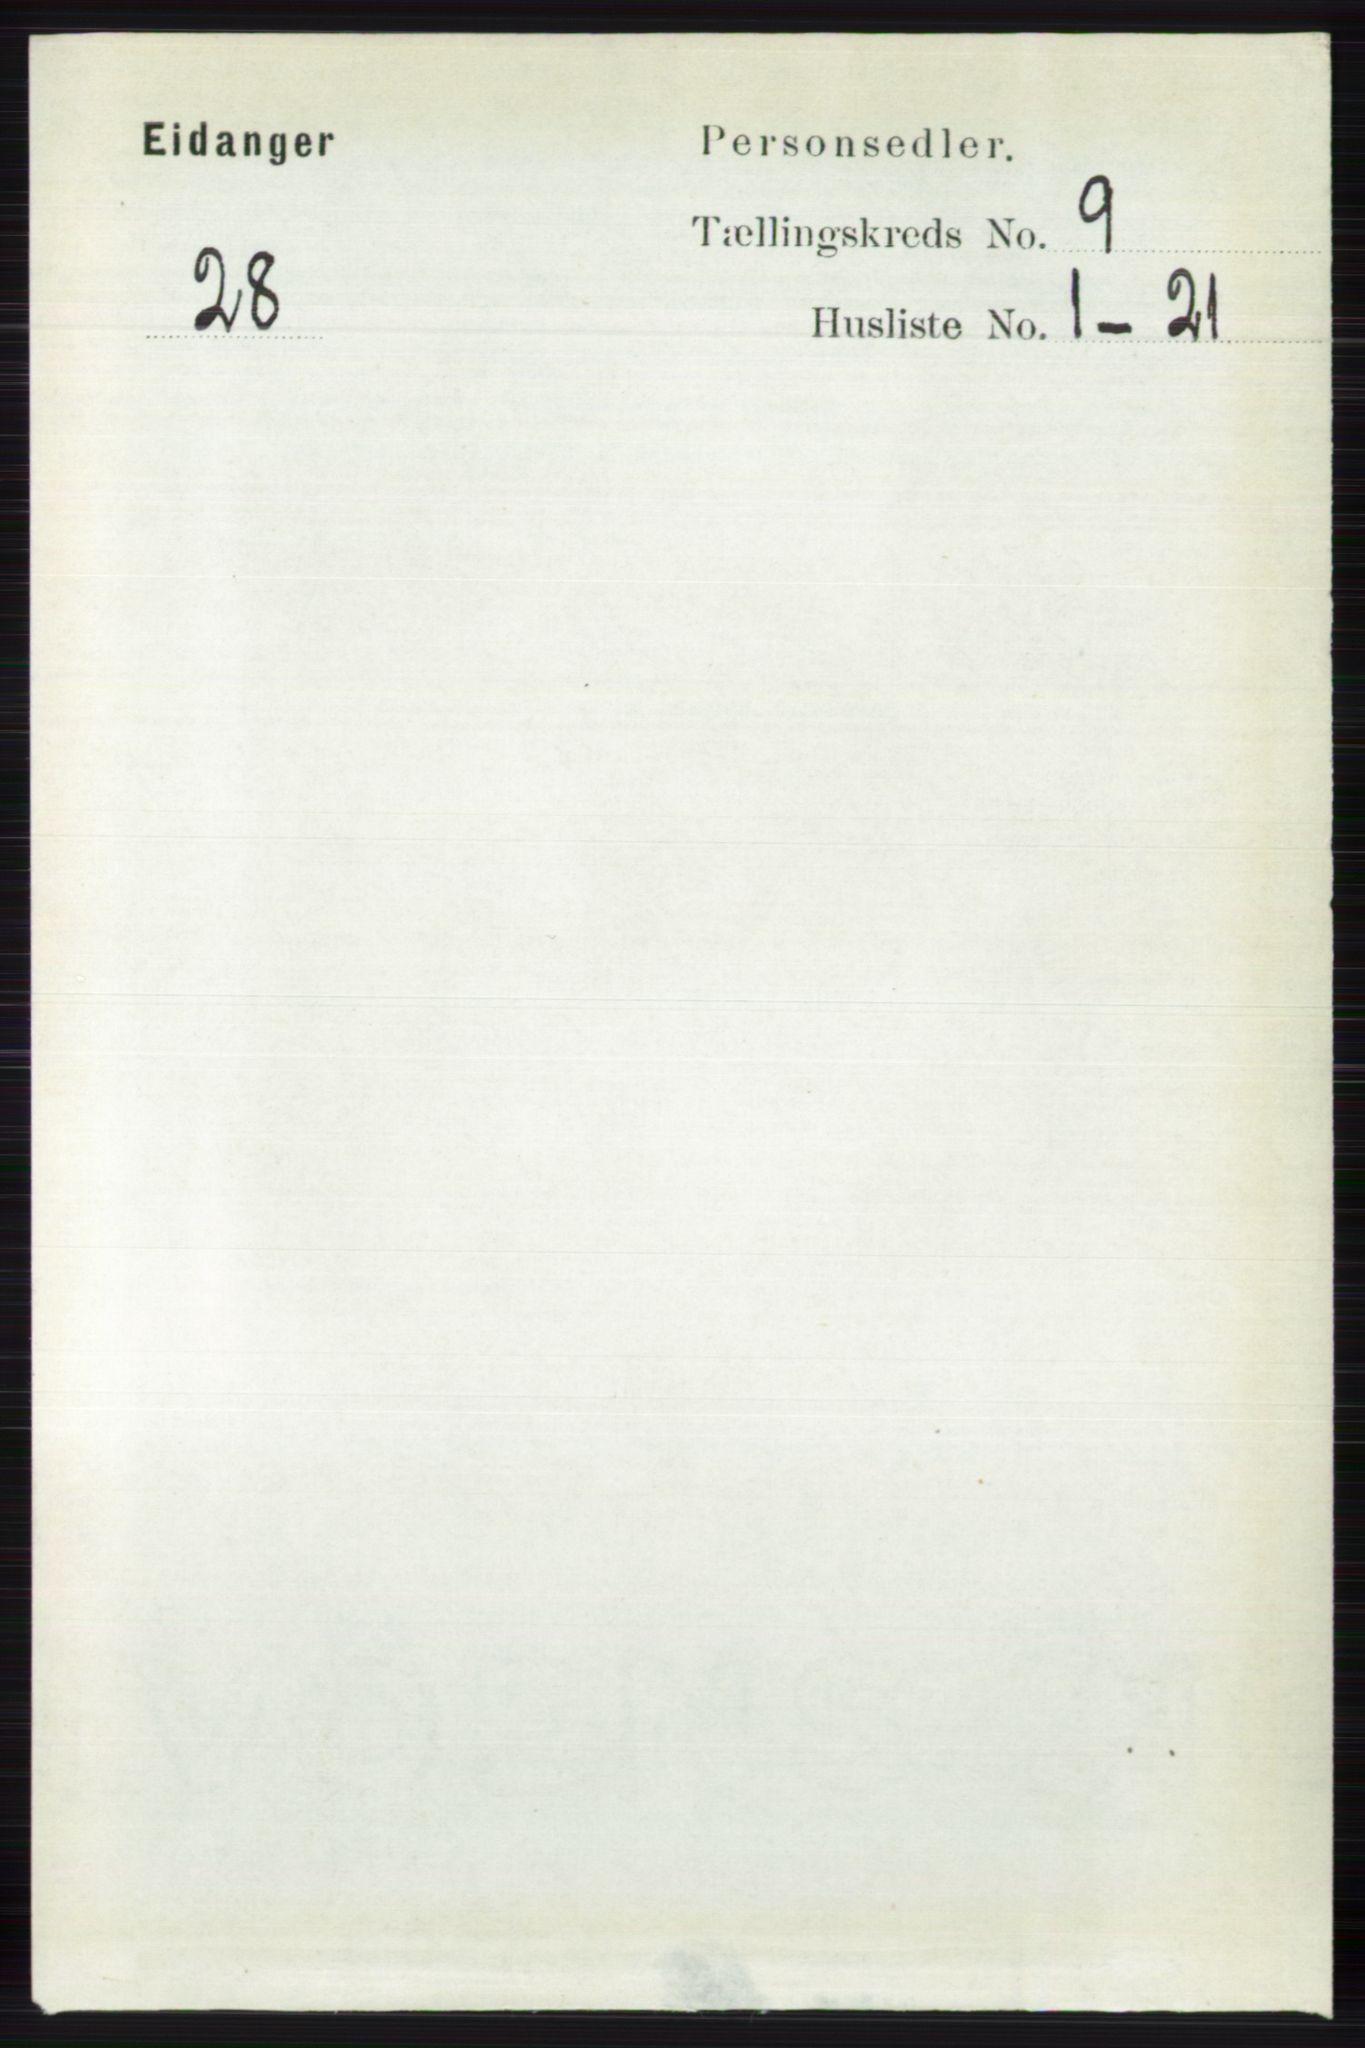 RA, Folketelling 1891 for 0813 Eidanger herred, 1891, s. 3614